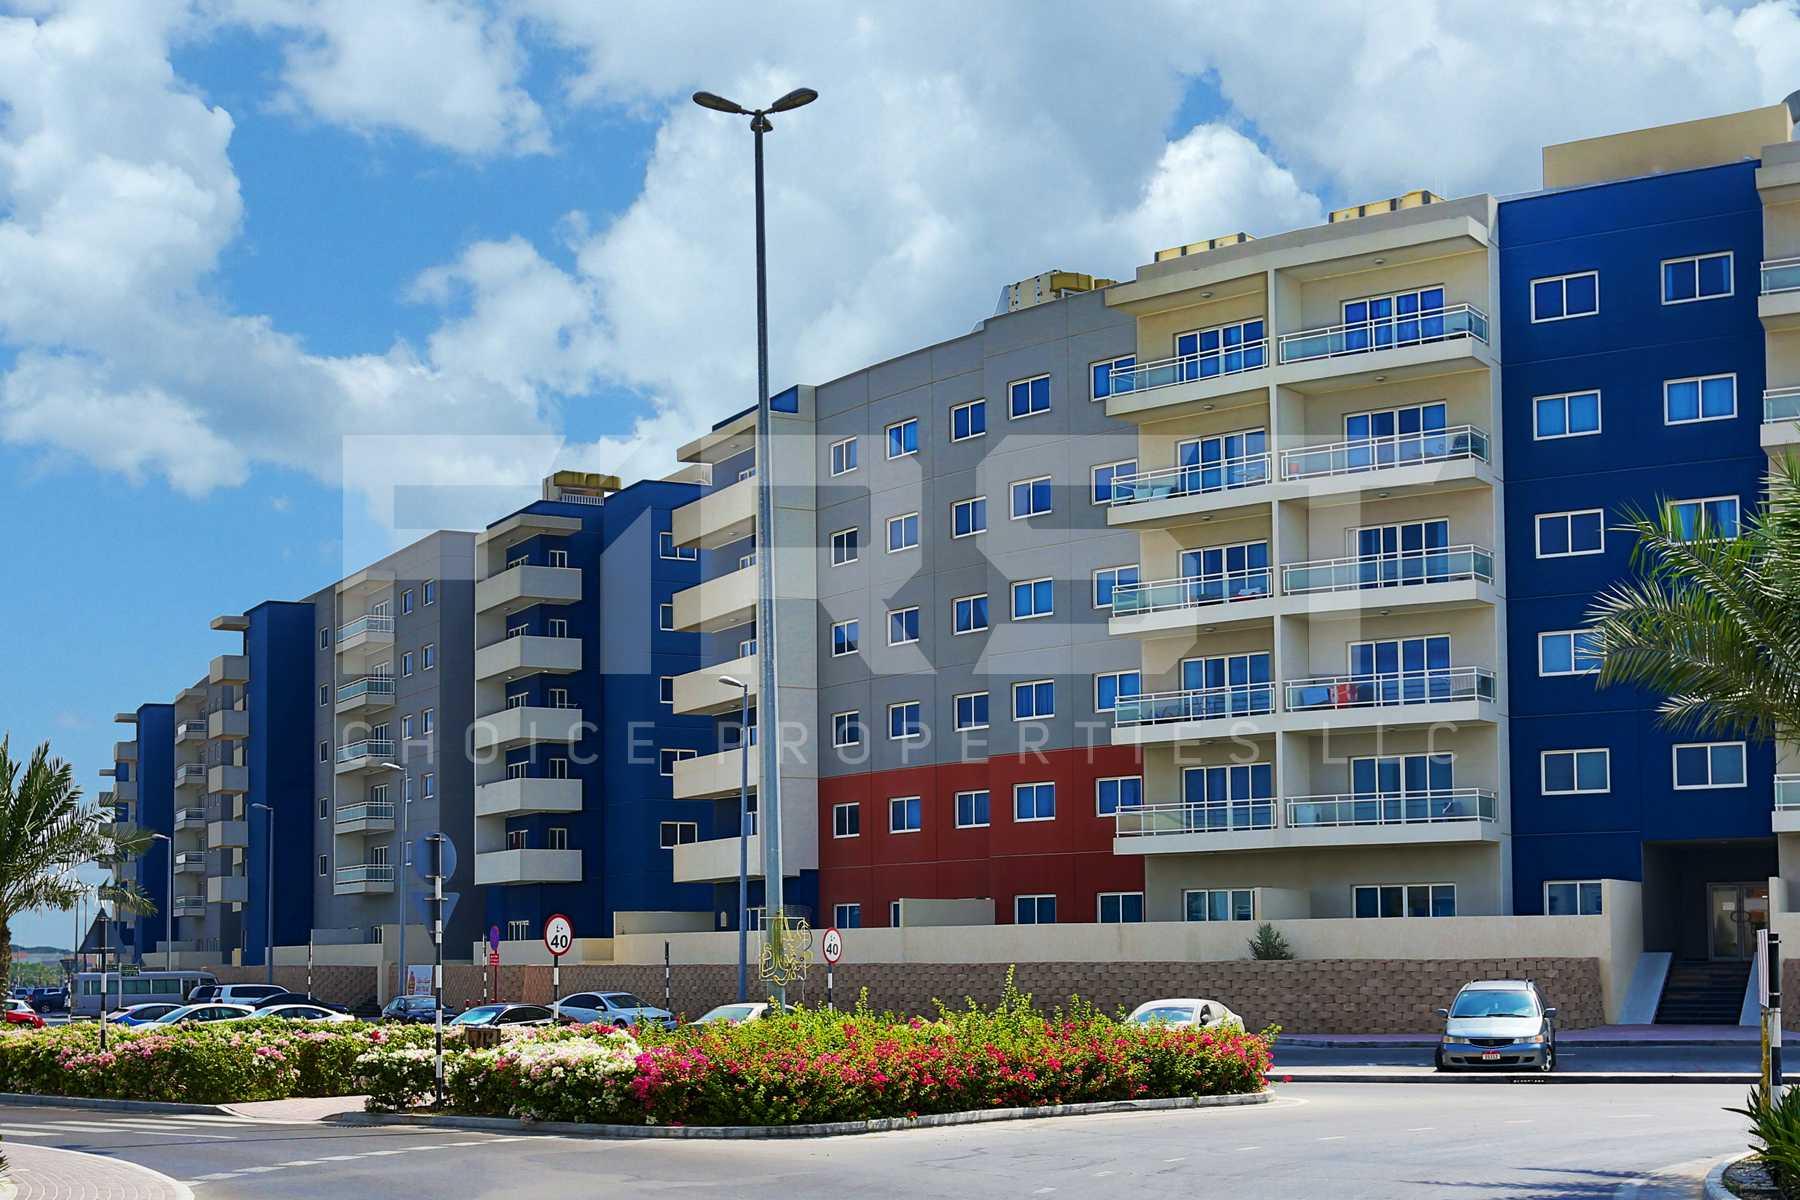 External Photo of Al Reef Downtown Al Reef Abu Dhabi UAE (1).jpg